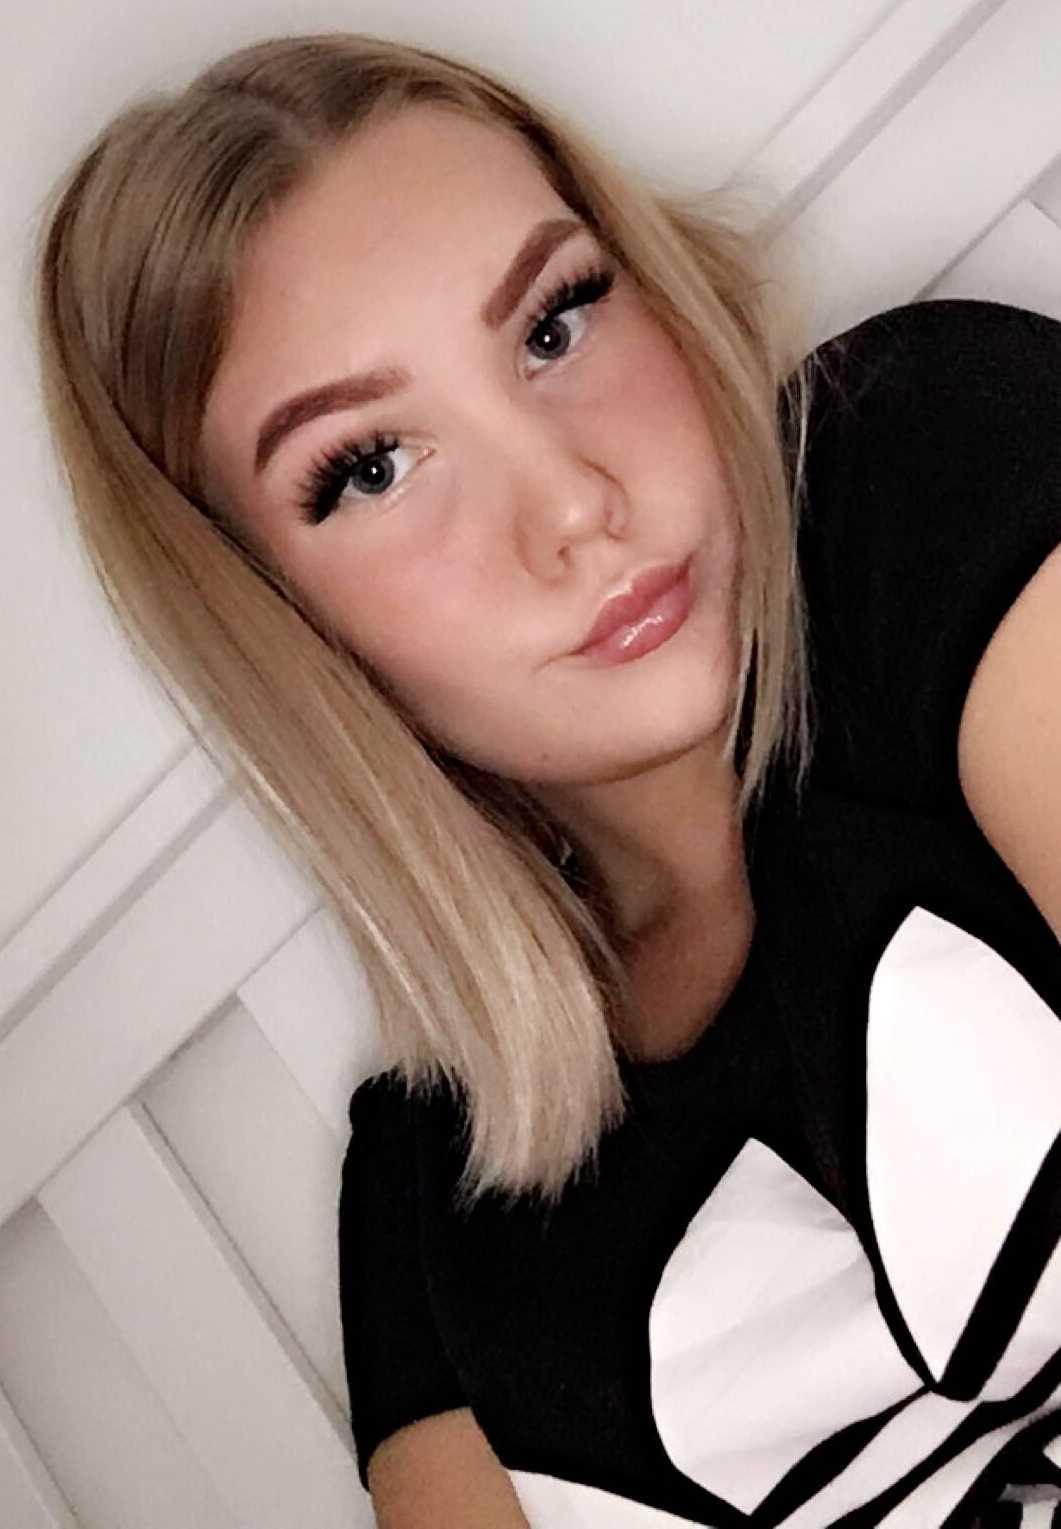 Efter fyra dagar på sjukhus fick Ida Johansson, 16, äntligen komma hem men hon är ännu inte helt återställd.